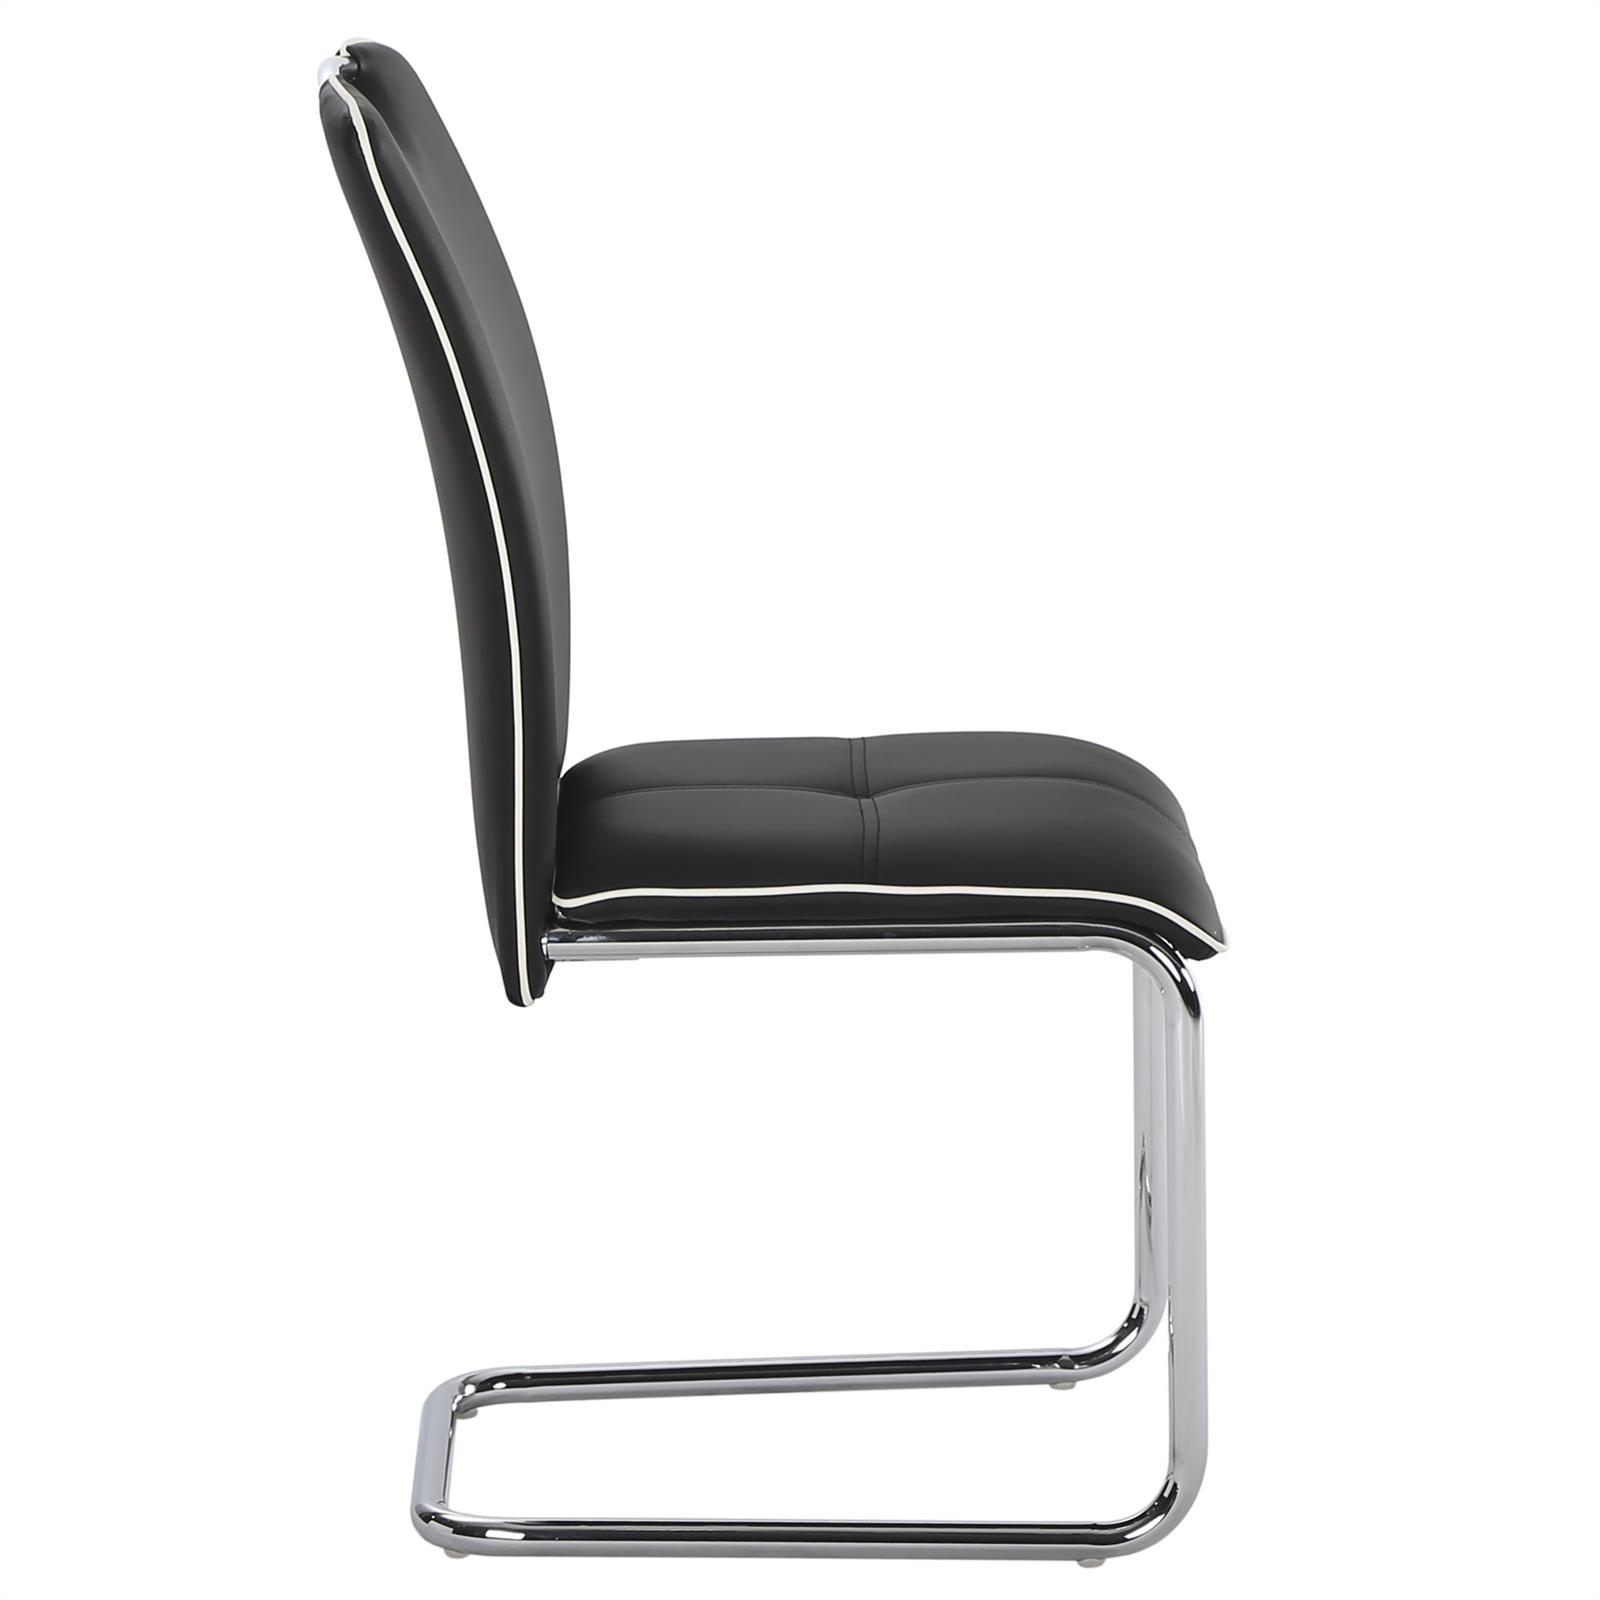 4er pack schwingstuhl freischwinger stuhl set mit leder bezug lederimitat ebay. Black Bedroom Furniture Sets. Home Design Ideas